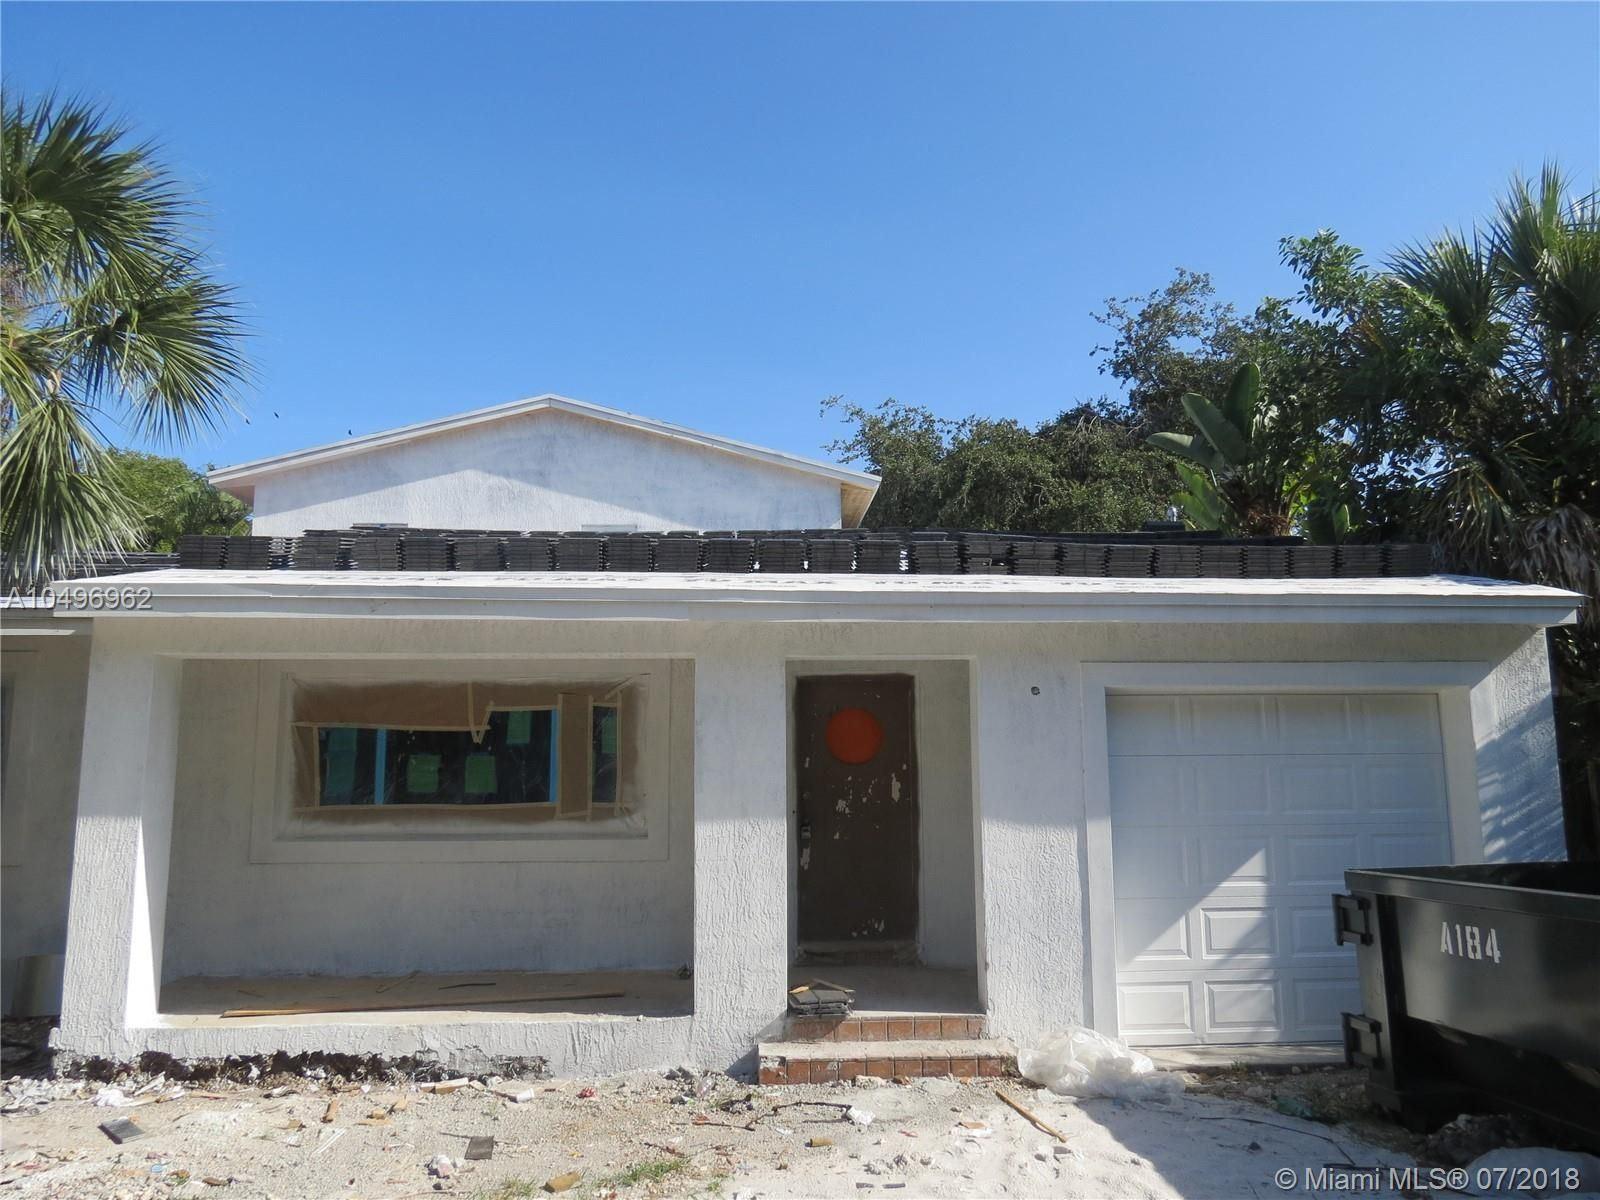 144 Ne 88 St El Portal, FL 33138